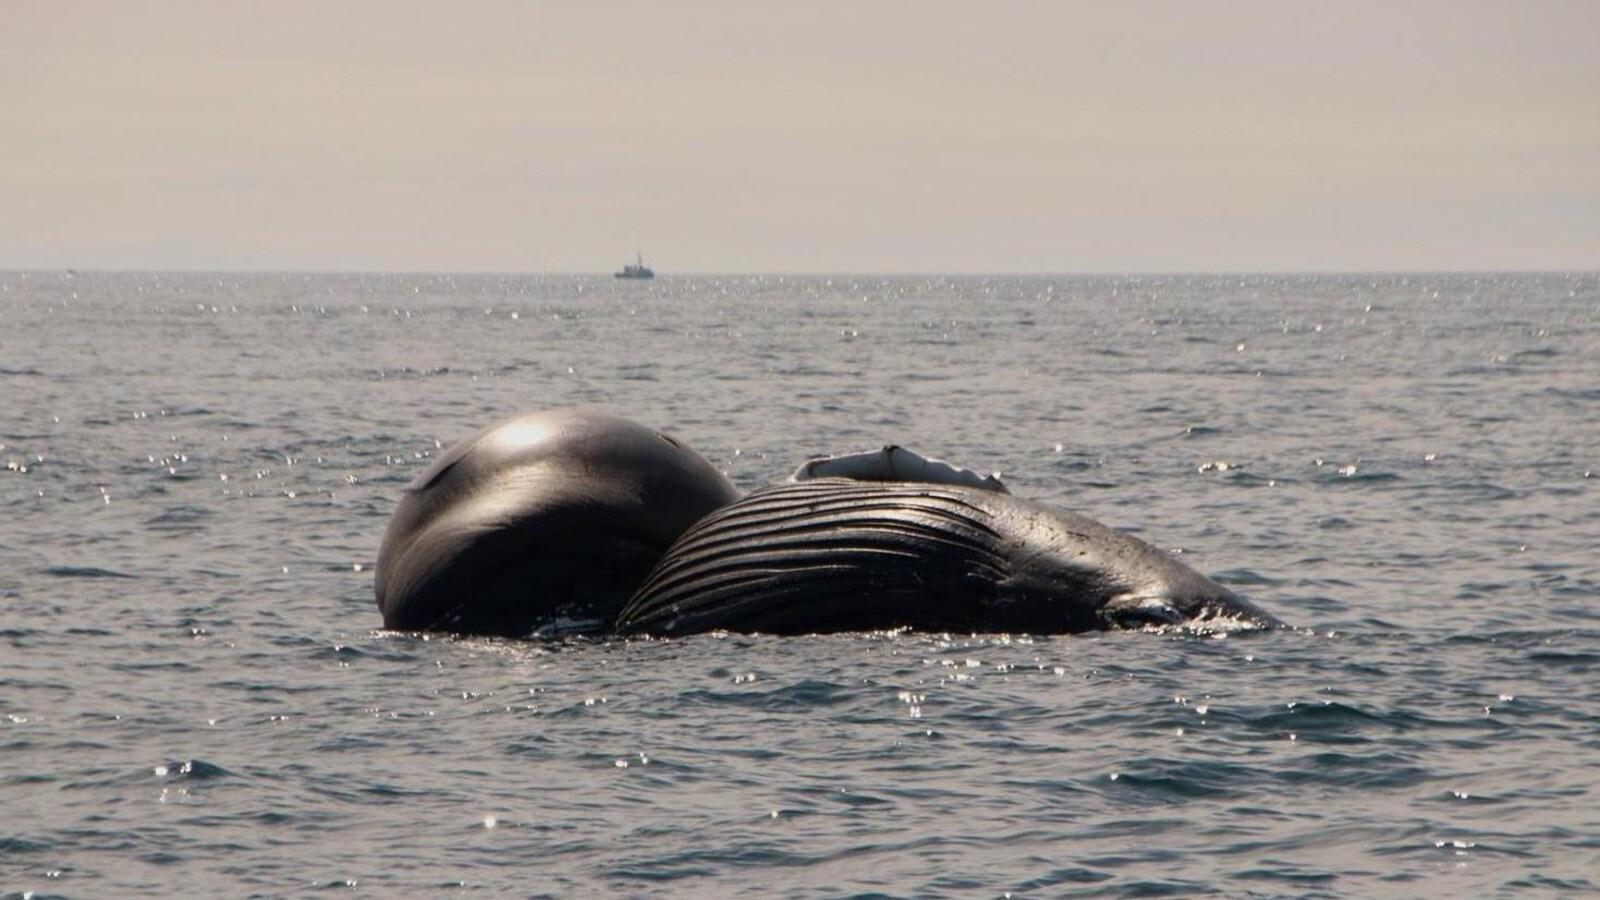 La carcasse de la baleine à bosse flottant dans la baie de Fundy.